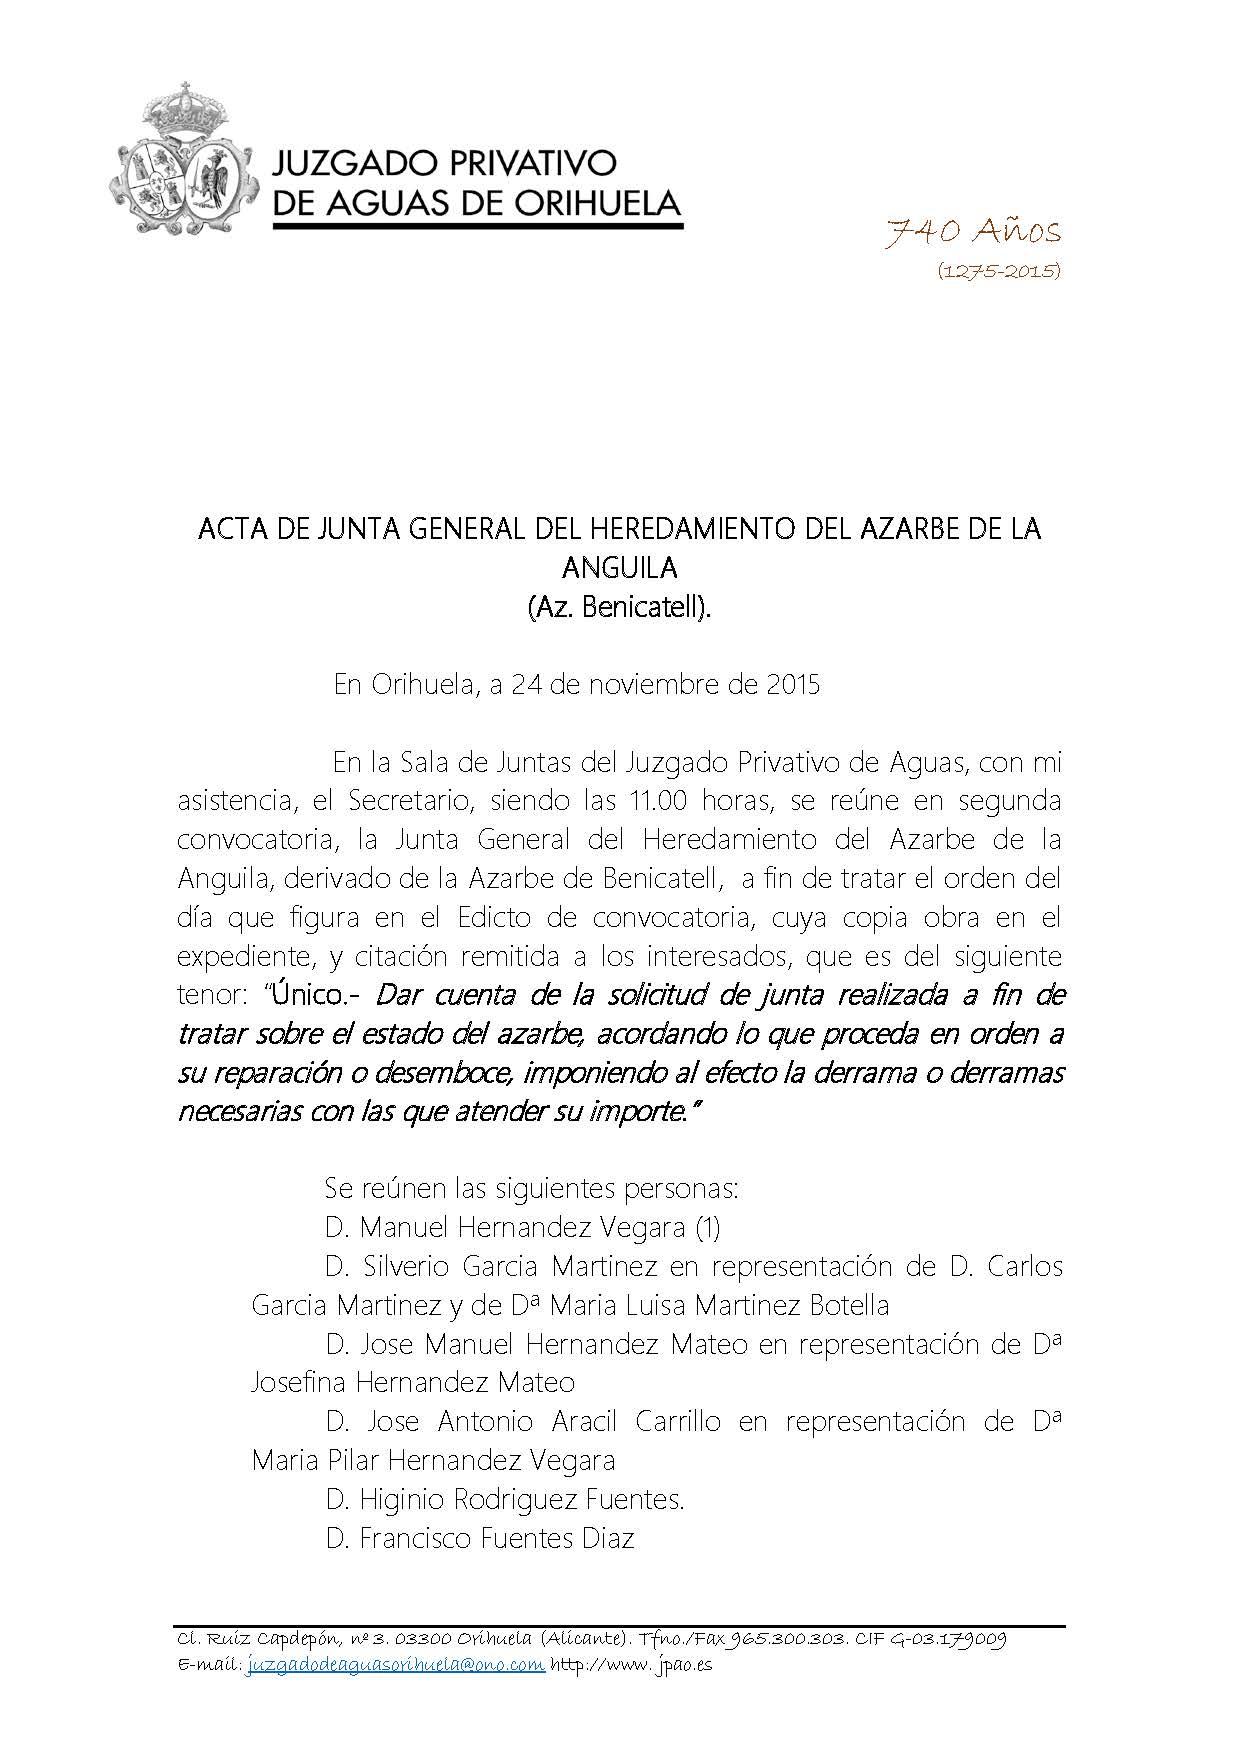 194 2015 AZARBE DE LA ANGUILA. ACTA DE JUNTA DE FECHA 24112015_Página_1